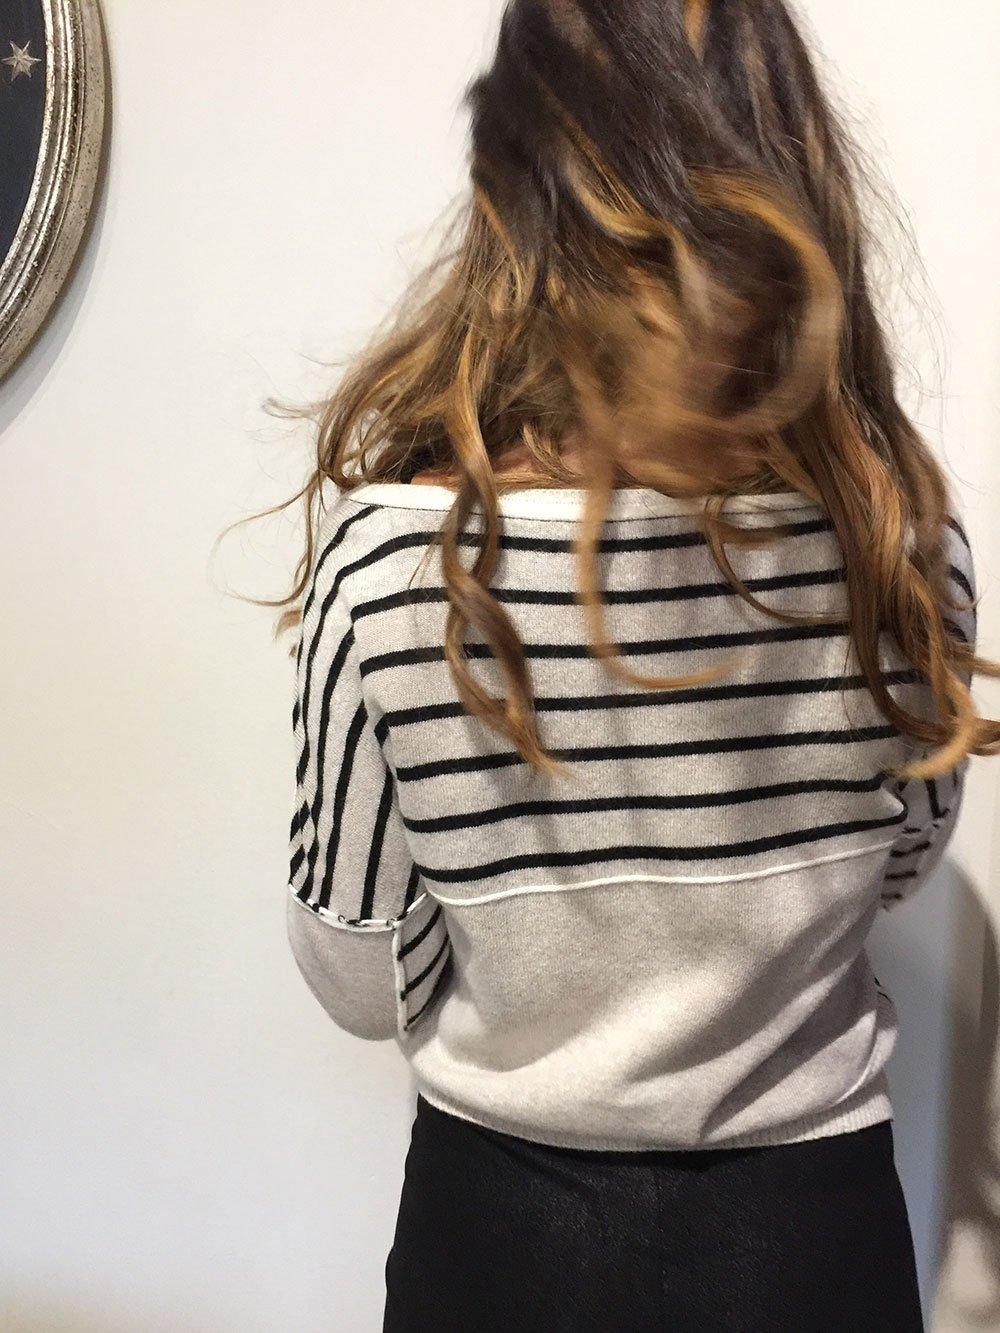 una ragazza con un maglione grigio a righe nere vista dal dietro